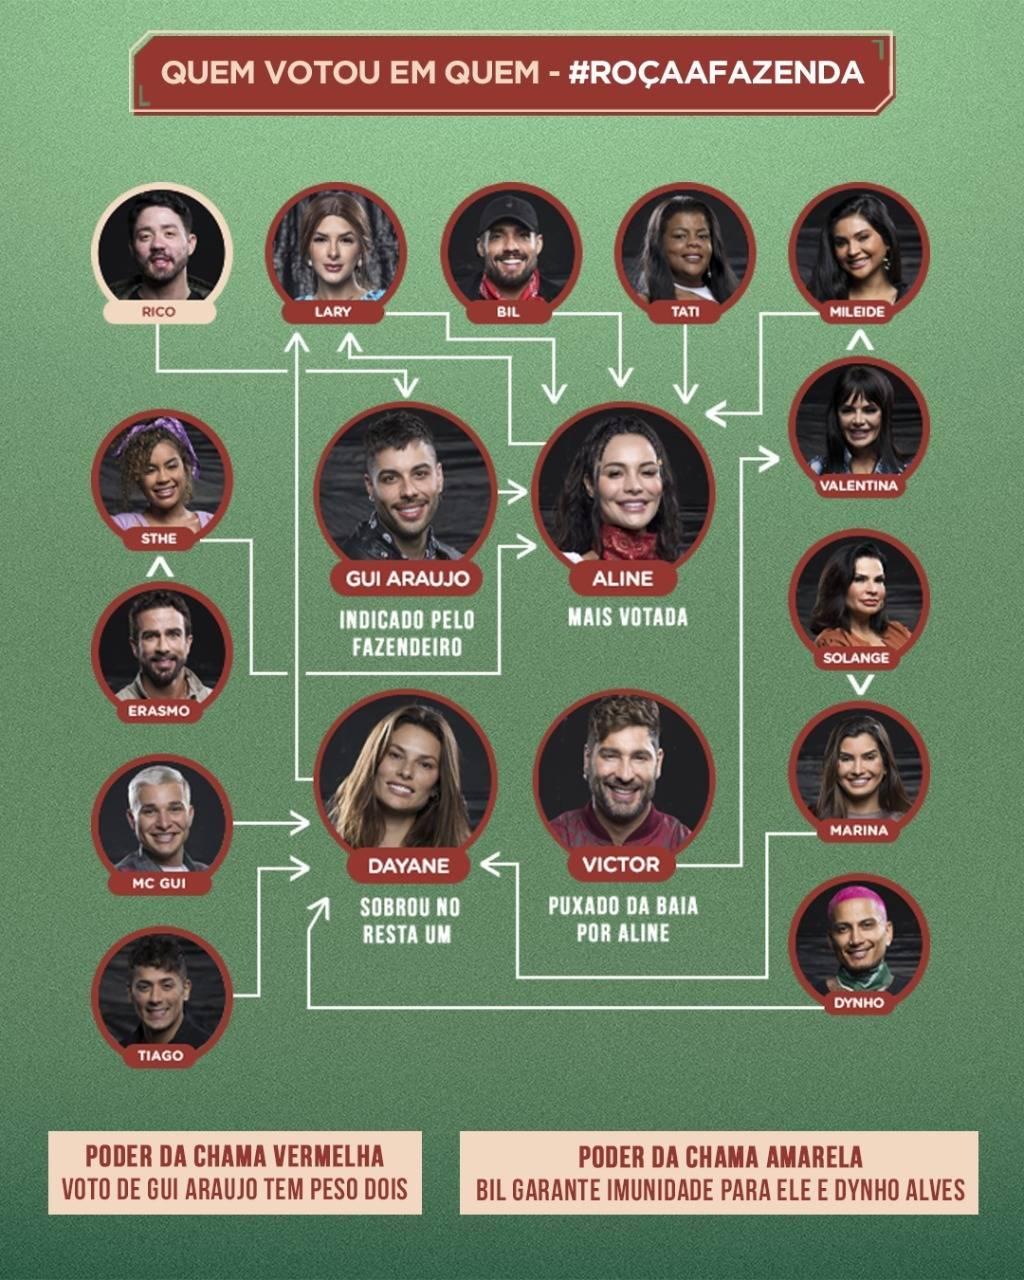 Veja quem votou em quem na quarta formação de Roça